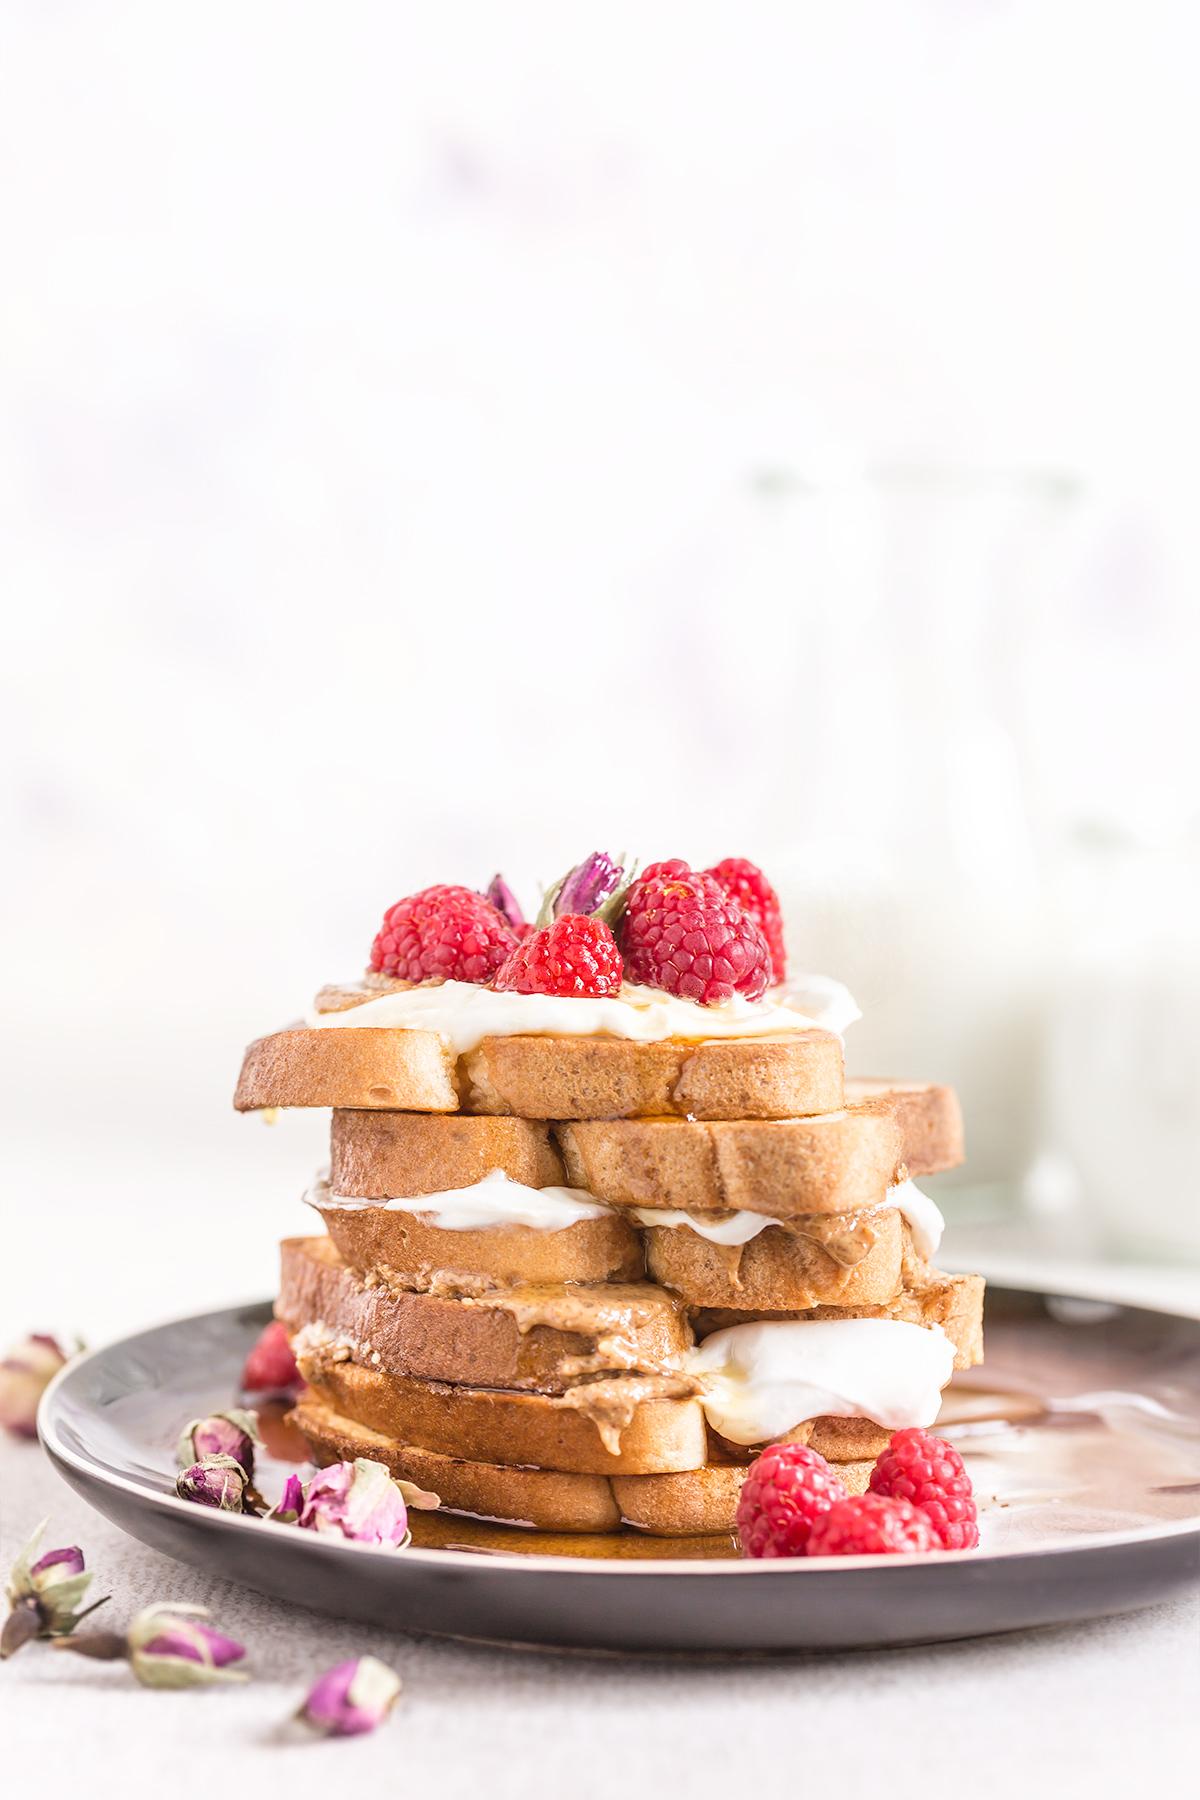 #vegan #glutenfree FRENCH TOAST recipe with vanilla and coconut whipped cream - ricetta FRENCH TOAST VEGAN SENZA GLUTINE alla vaniglia in padella e al forno